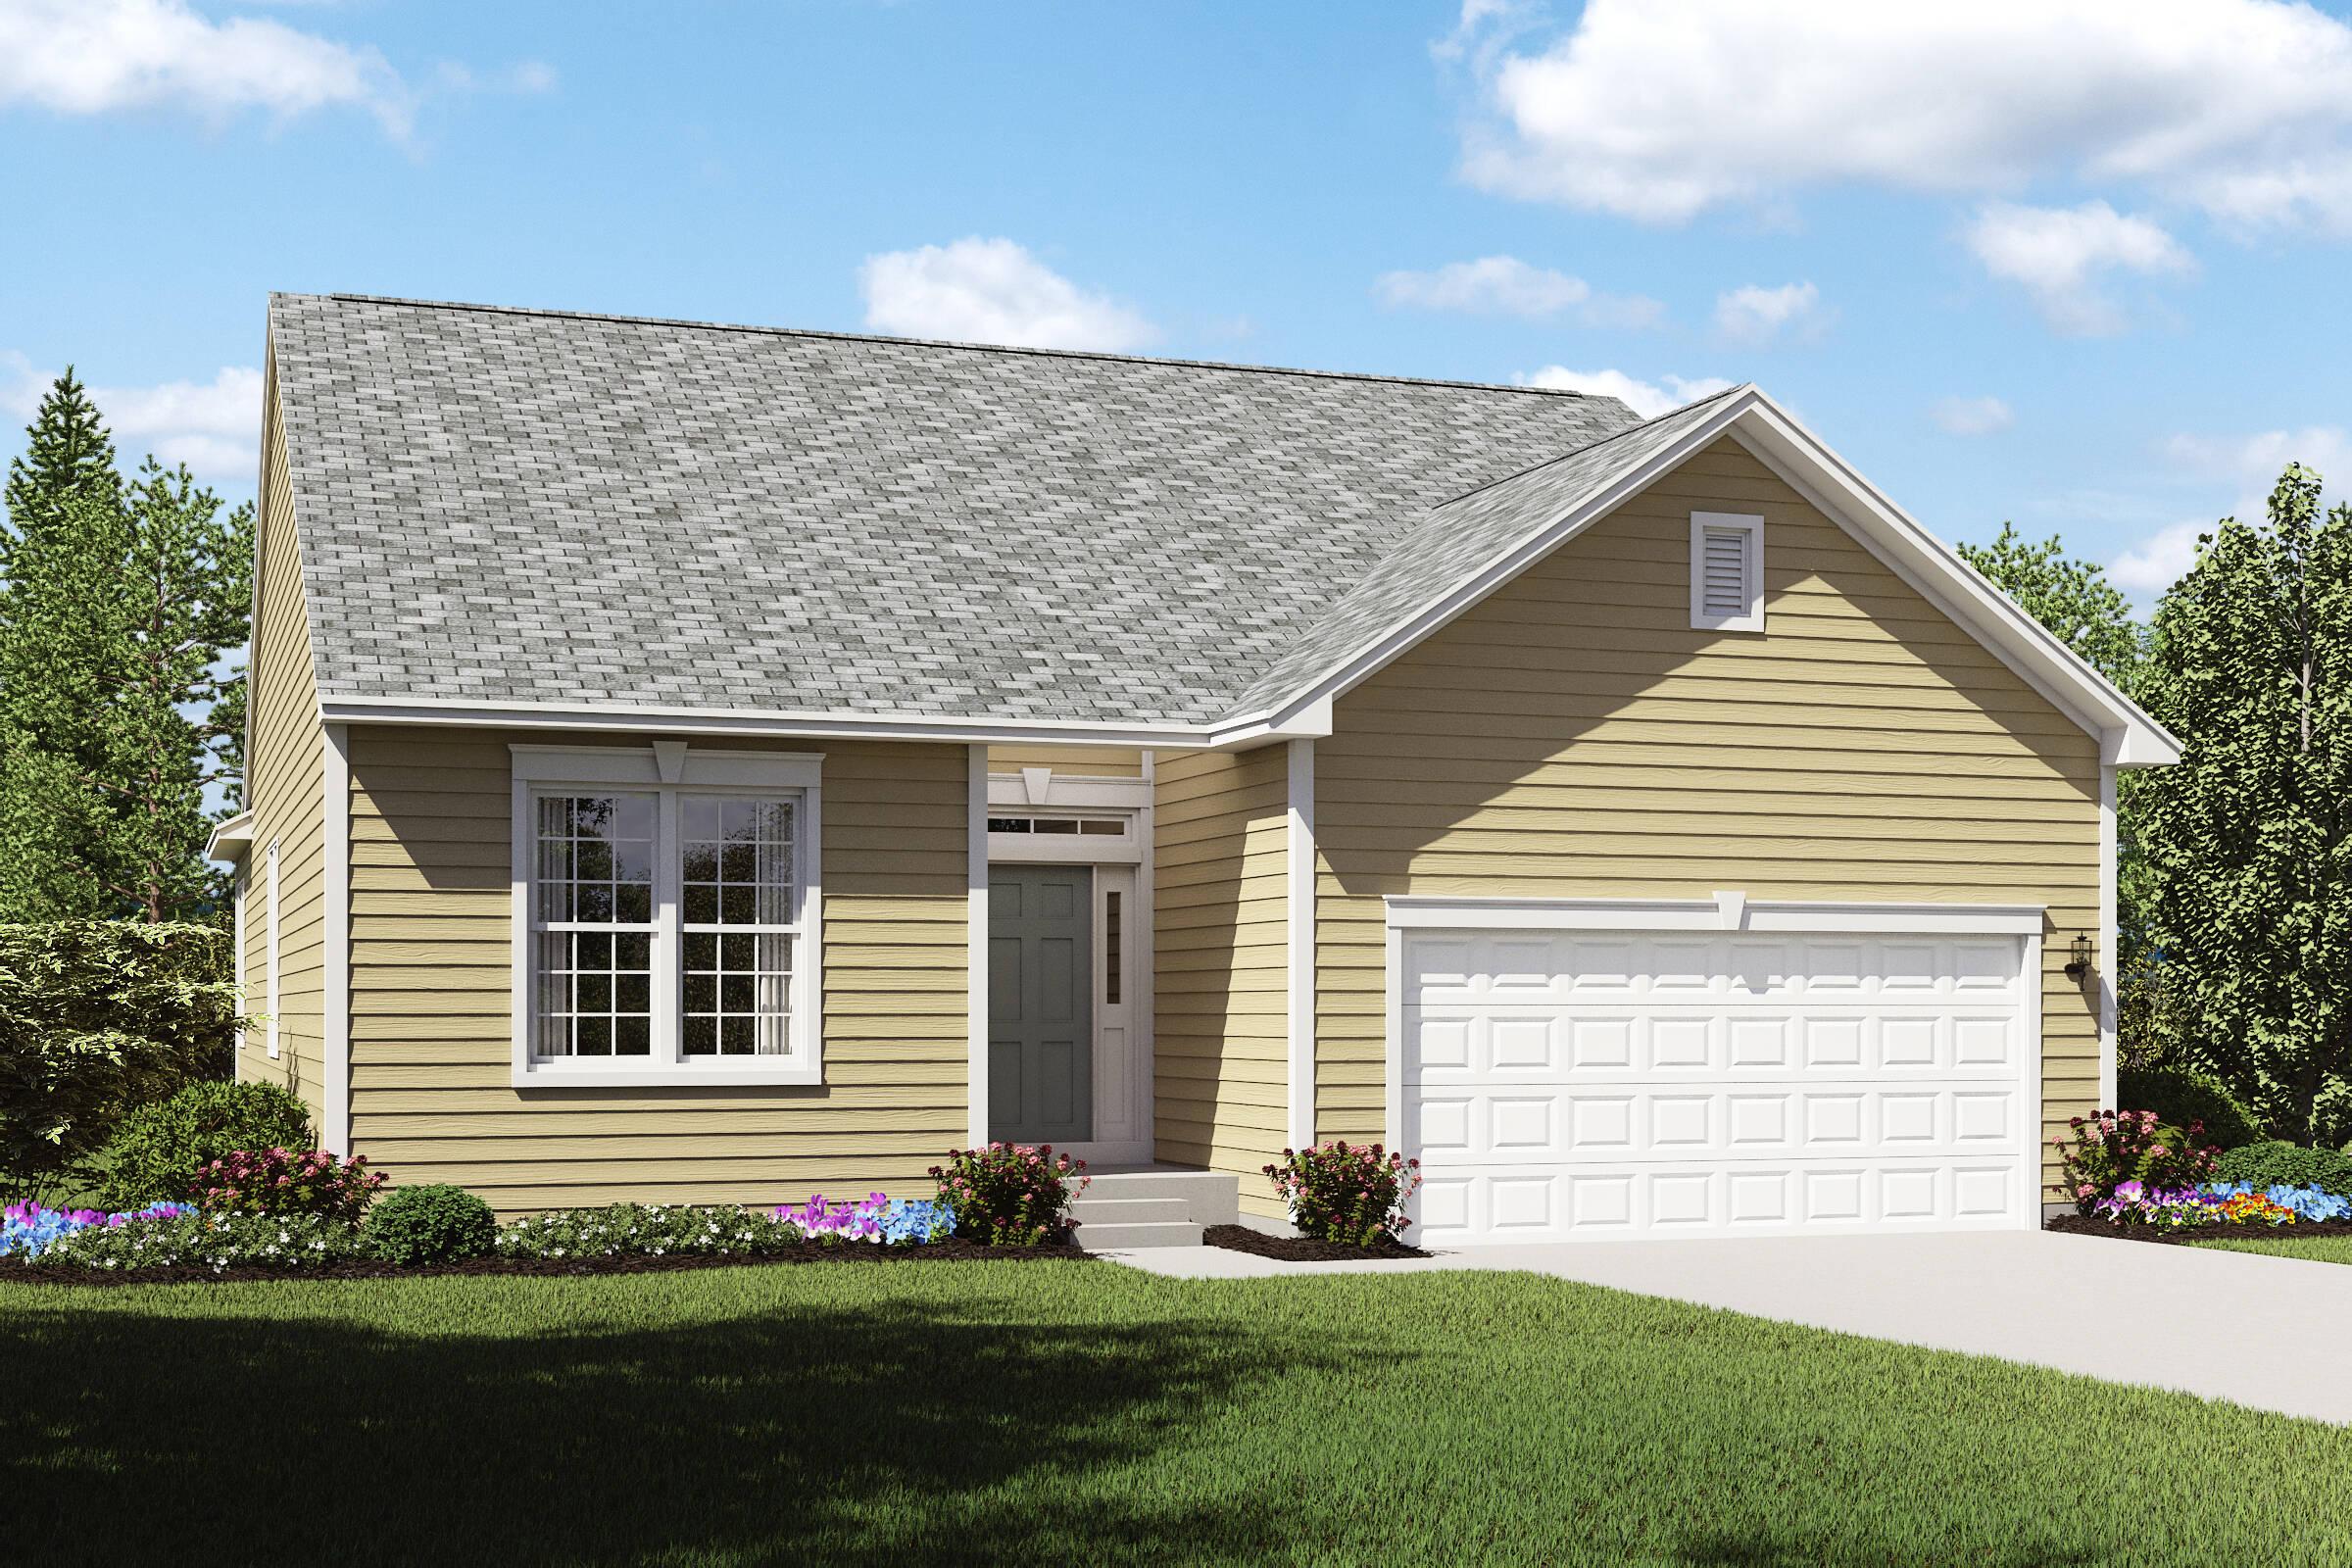 new home designs active lifestyle dorchester a lorain ohio